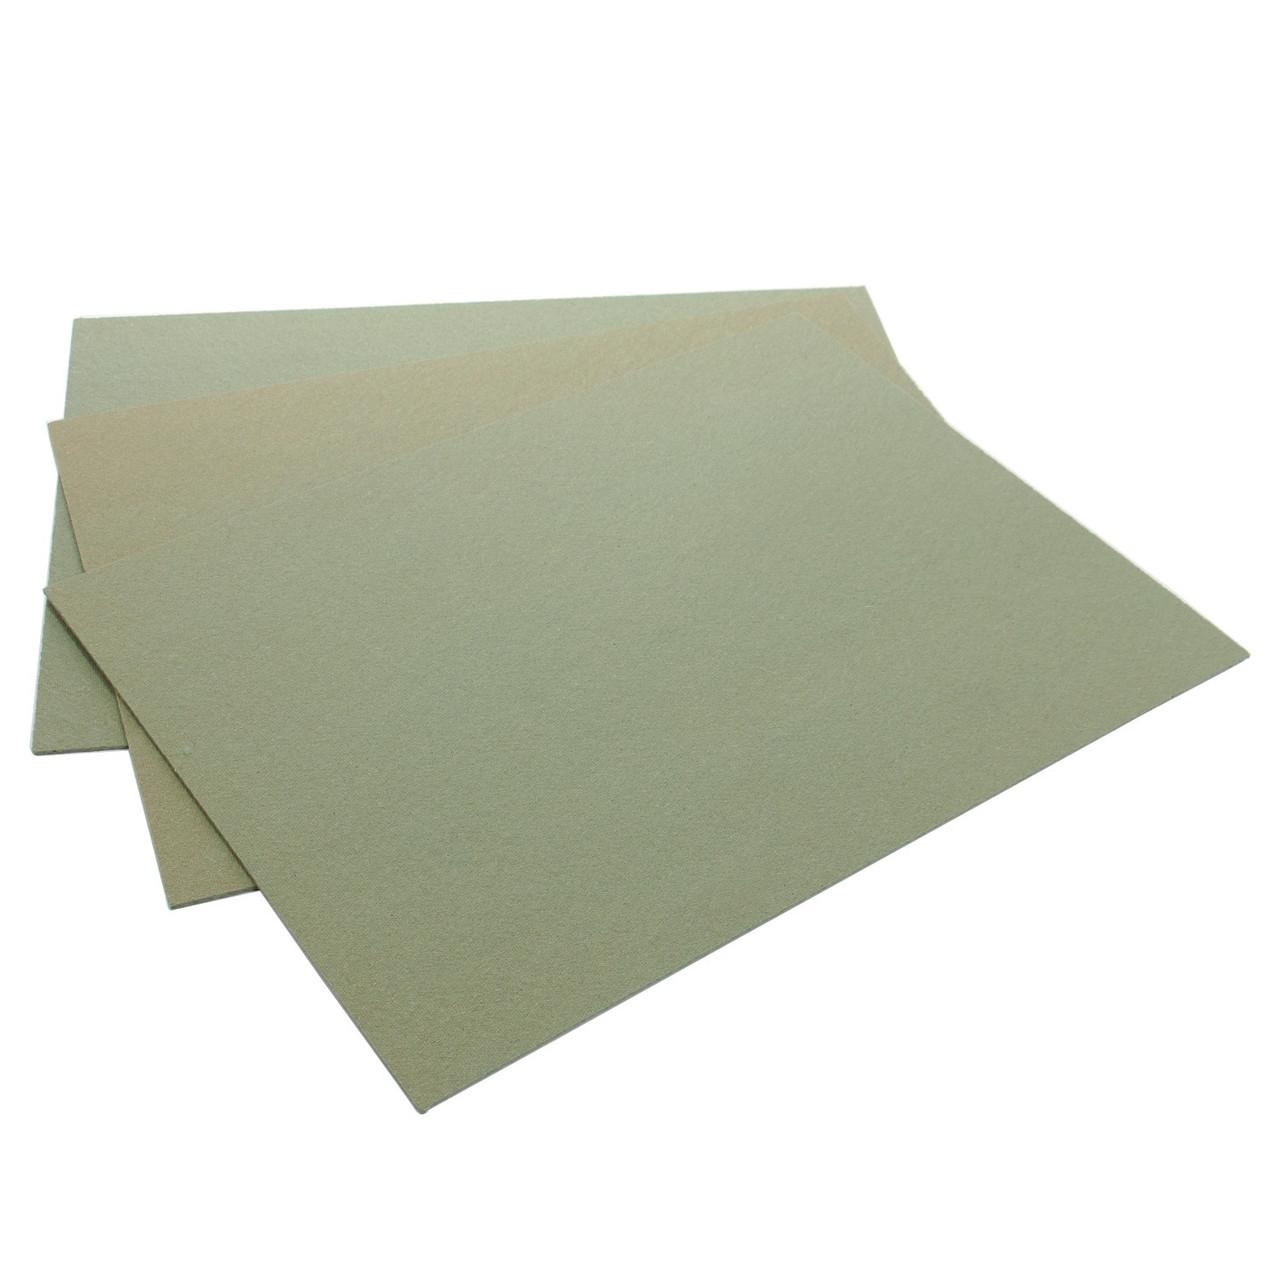 Подложка Тихий Ход Izopanel 7 мм зеленая 4,661 м2